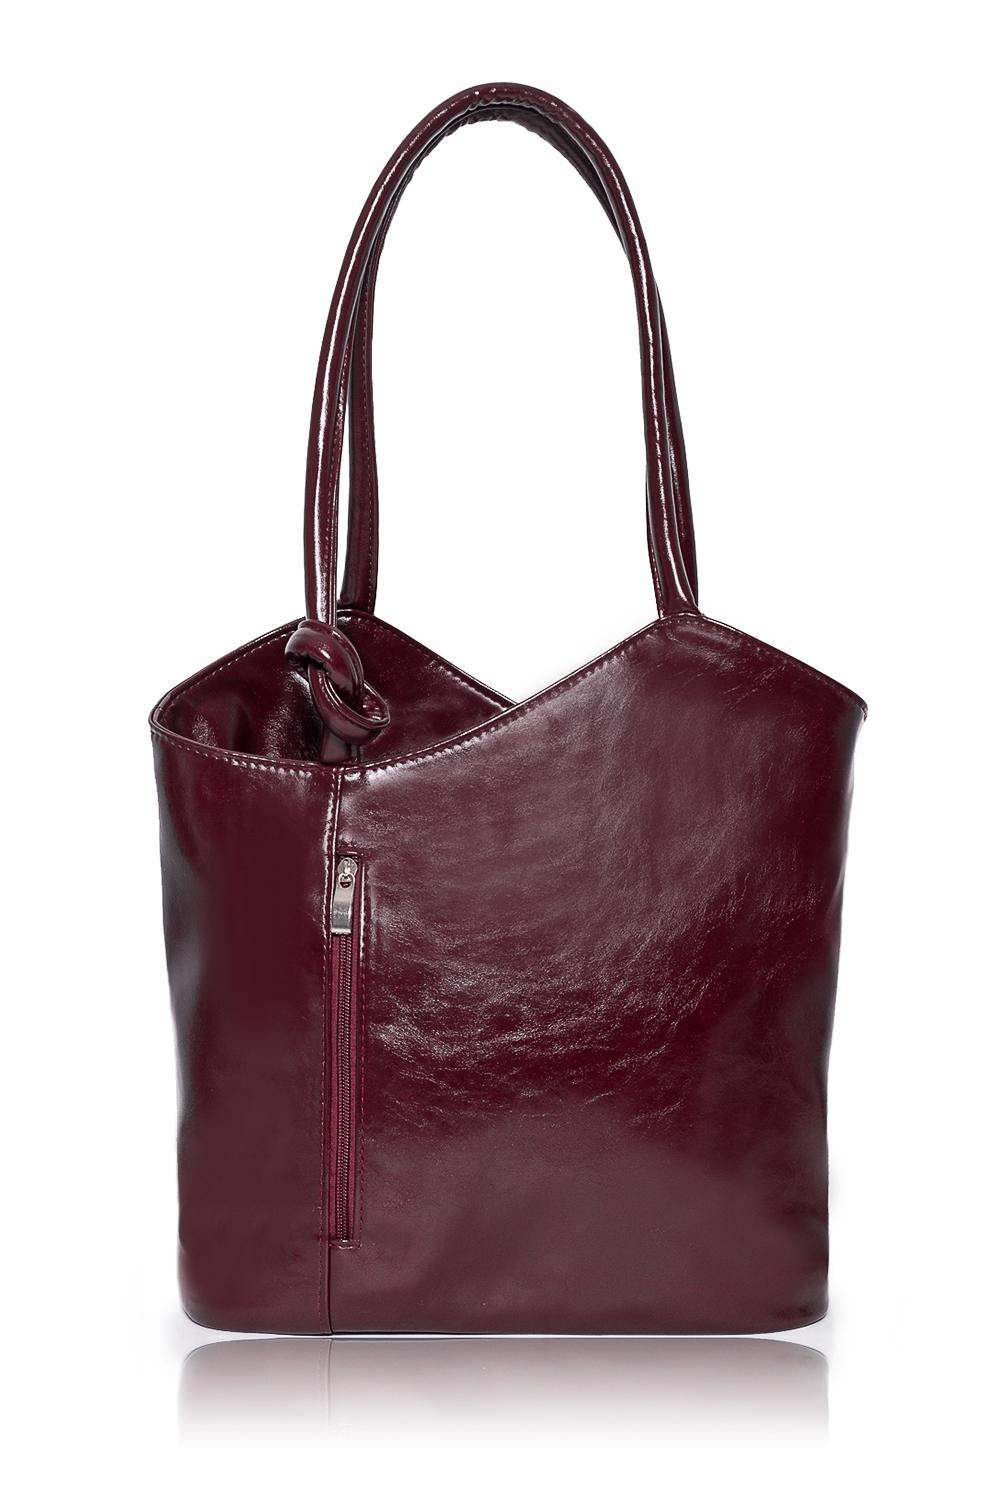 СумкаСумки-шоппинг<br>Женские сумки бренда DINESSI - это стильные аксессуары, которые по достоинству оценят представительницы прекрасного пола.  Сумка с асимметричным верхним срезом на молнии. Карманы на молнии на передней и задней частях изделия. Две ручки. Внутри два накладных кармана и карман на молнии.   Цвет: бордовый.  Подклад может отличаться от представленного на фото.  Размеры: Высота по центру - 29,5 ± 1 см Ширина - 36 ± 1 см Глубина - 11,5 ± 1 см<br><br>Отделения: 1 отделение<br>По материалу: Искусственная кожа<br>По размеру: Крупные<br>По рисунку: Однотонные<br>По способу ношения: В руках,На плечо<br>По степени жесткости: Мягкие<br>По типу застежки: С застежкой молнией<br>По элементам: Карман на молнии,Карман под телефон<br>Ручки: Длинные<br>Размер : UNI<br>Материал: Искусственная кожа<br>Количество в наличии: 1